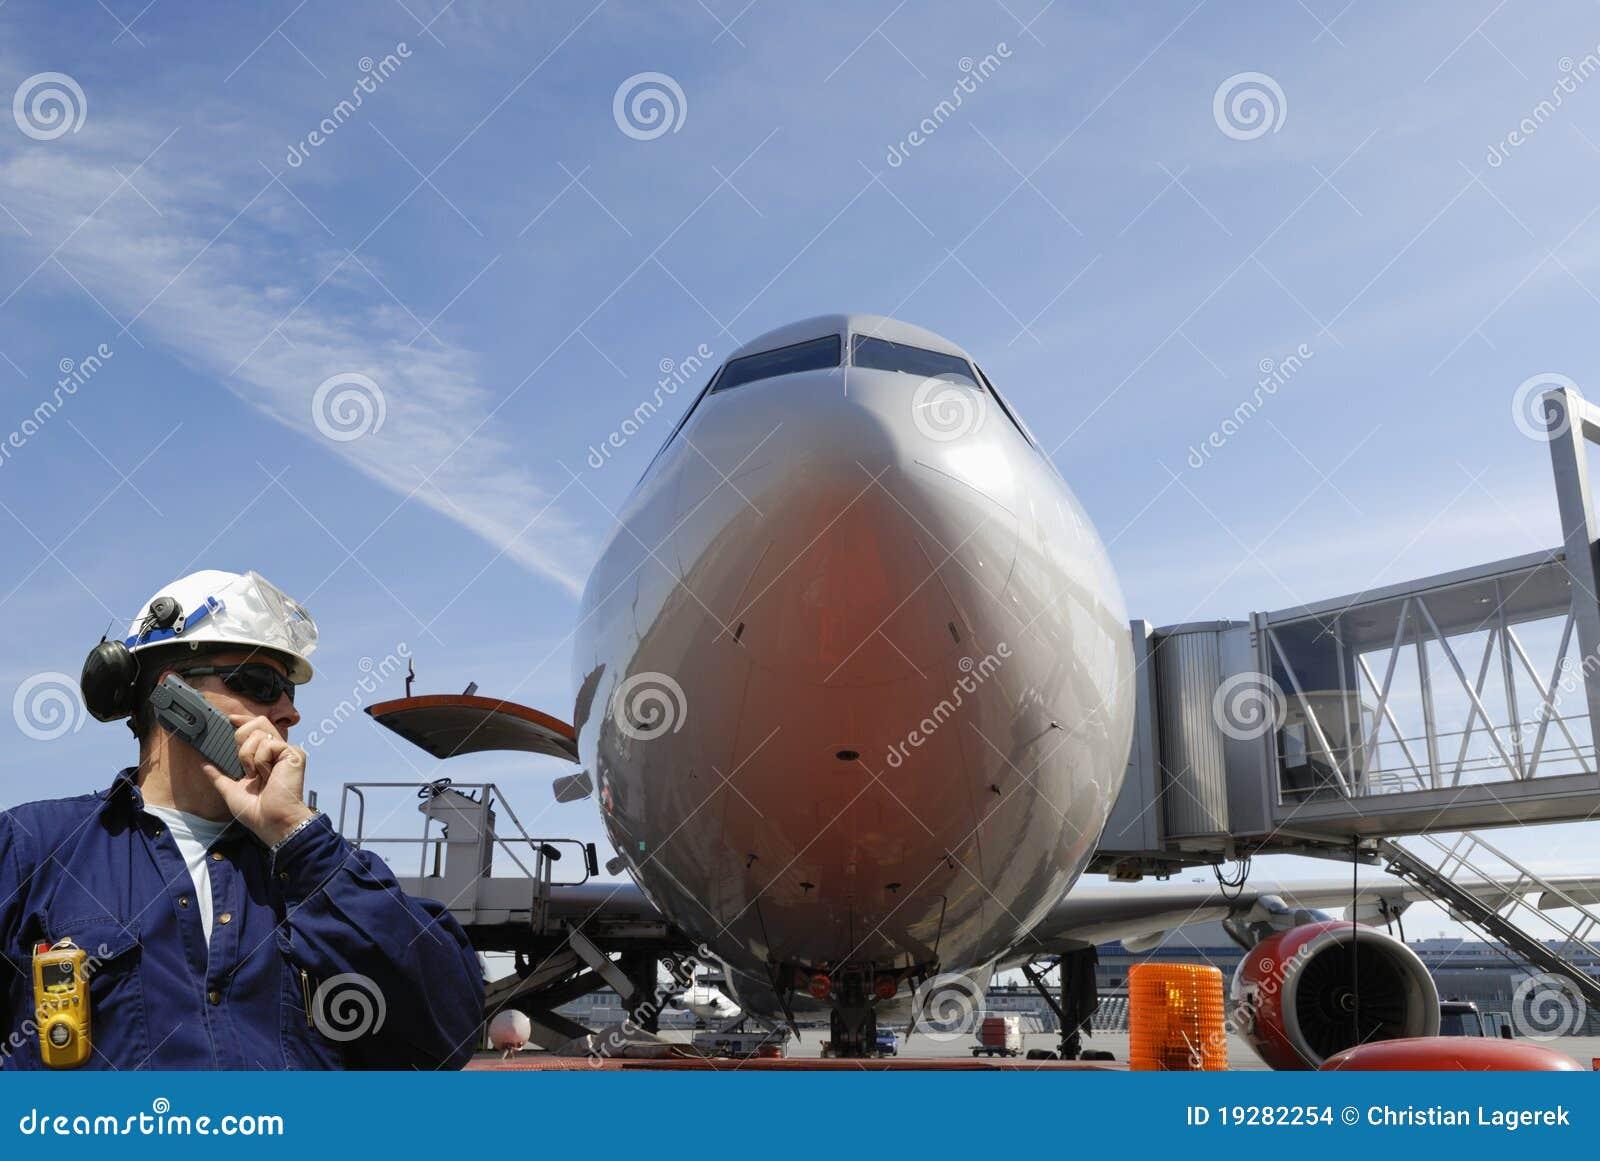 Mecânico e avião de passageiros de ar